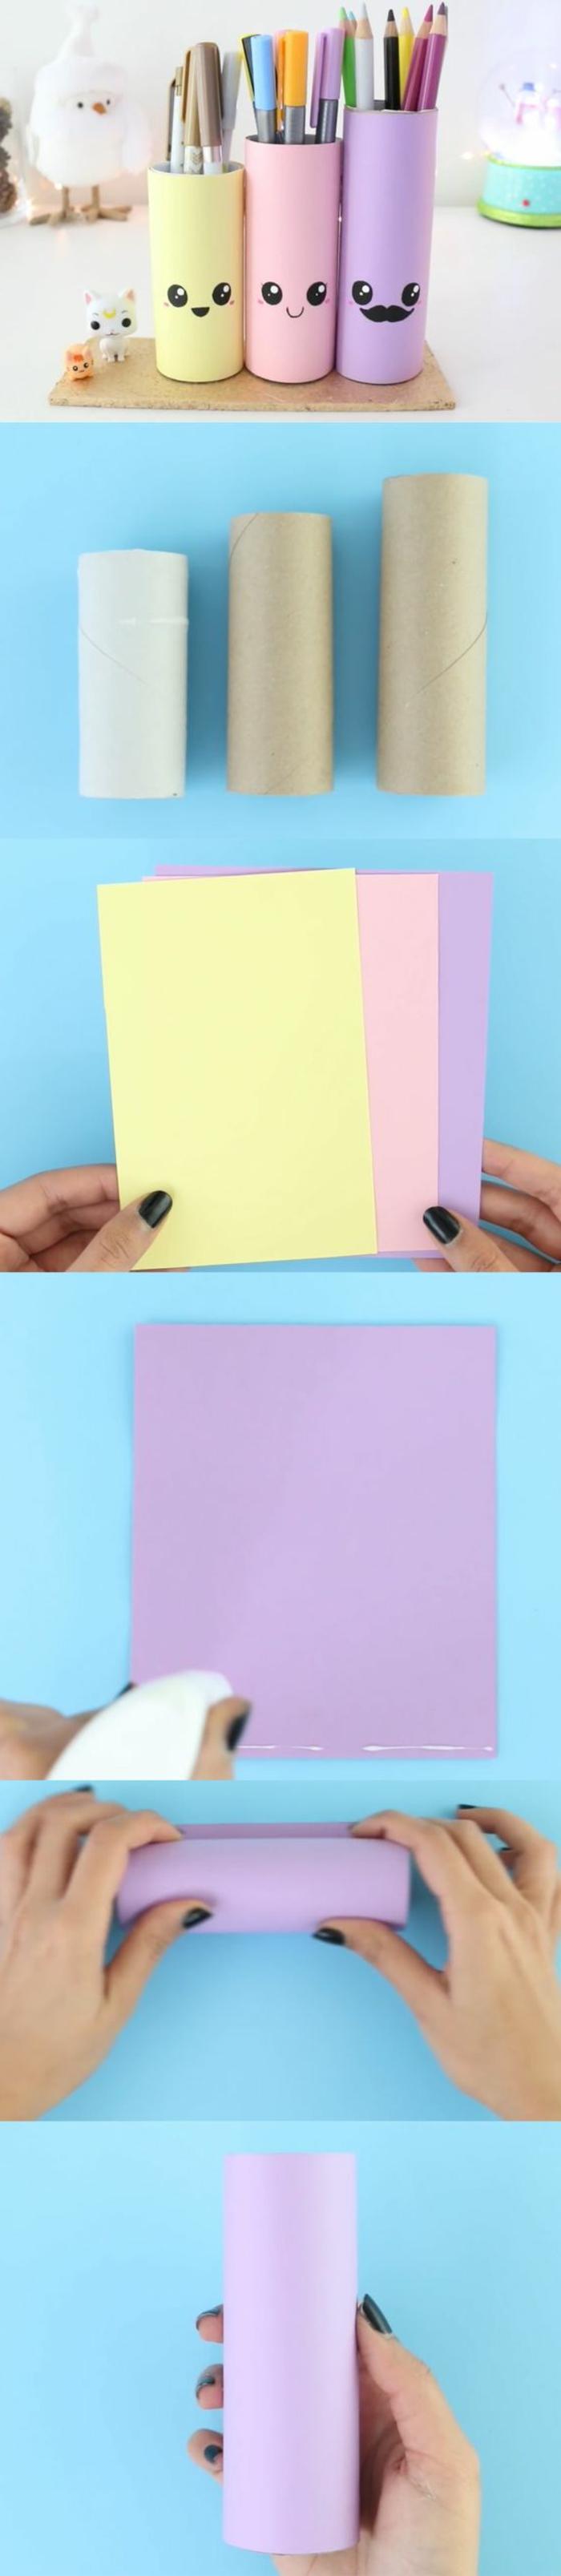 diy-rouleau-papier-toilette-idée-comment-faire-un-pot-a-crayon-à-partir-de-rouleaux-de-papier-toilette-recyclées-envelopper-les-rouleaux-de-papier-coloré-à-motifs-visage